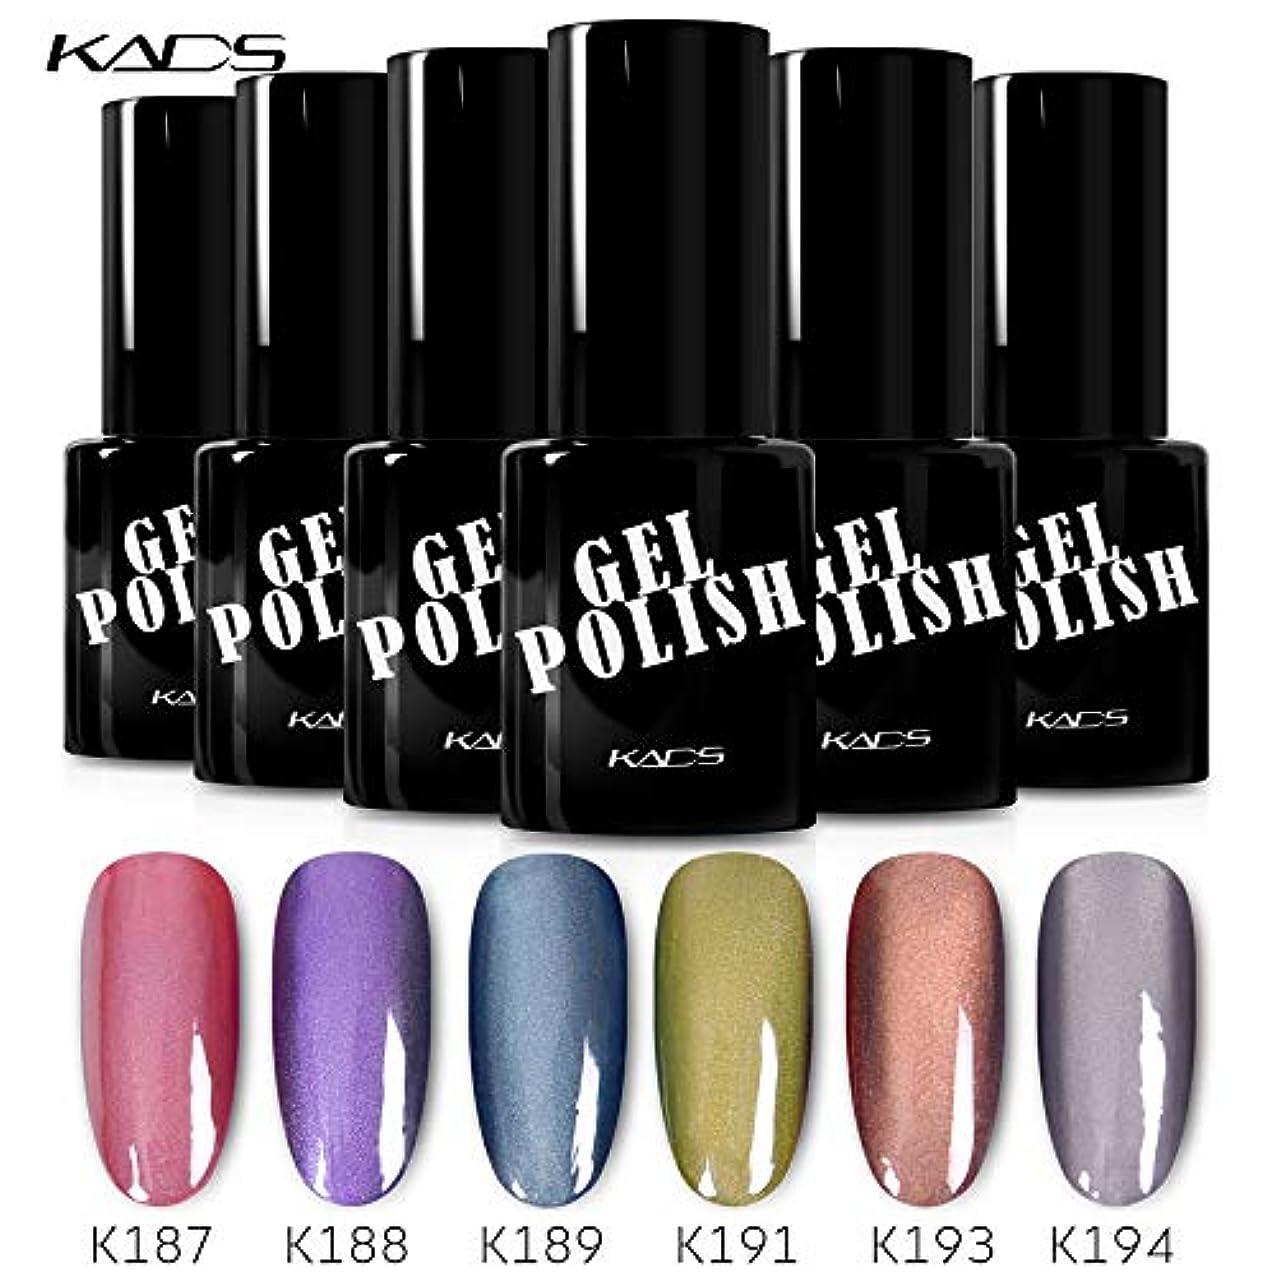 娘発送祭りKADS カラージェル 6色入り キャッツアイジェルネイル グリーン/ピンク/グレー カラーポリッシュ UV/LED対応 艶長持ち